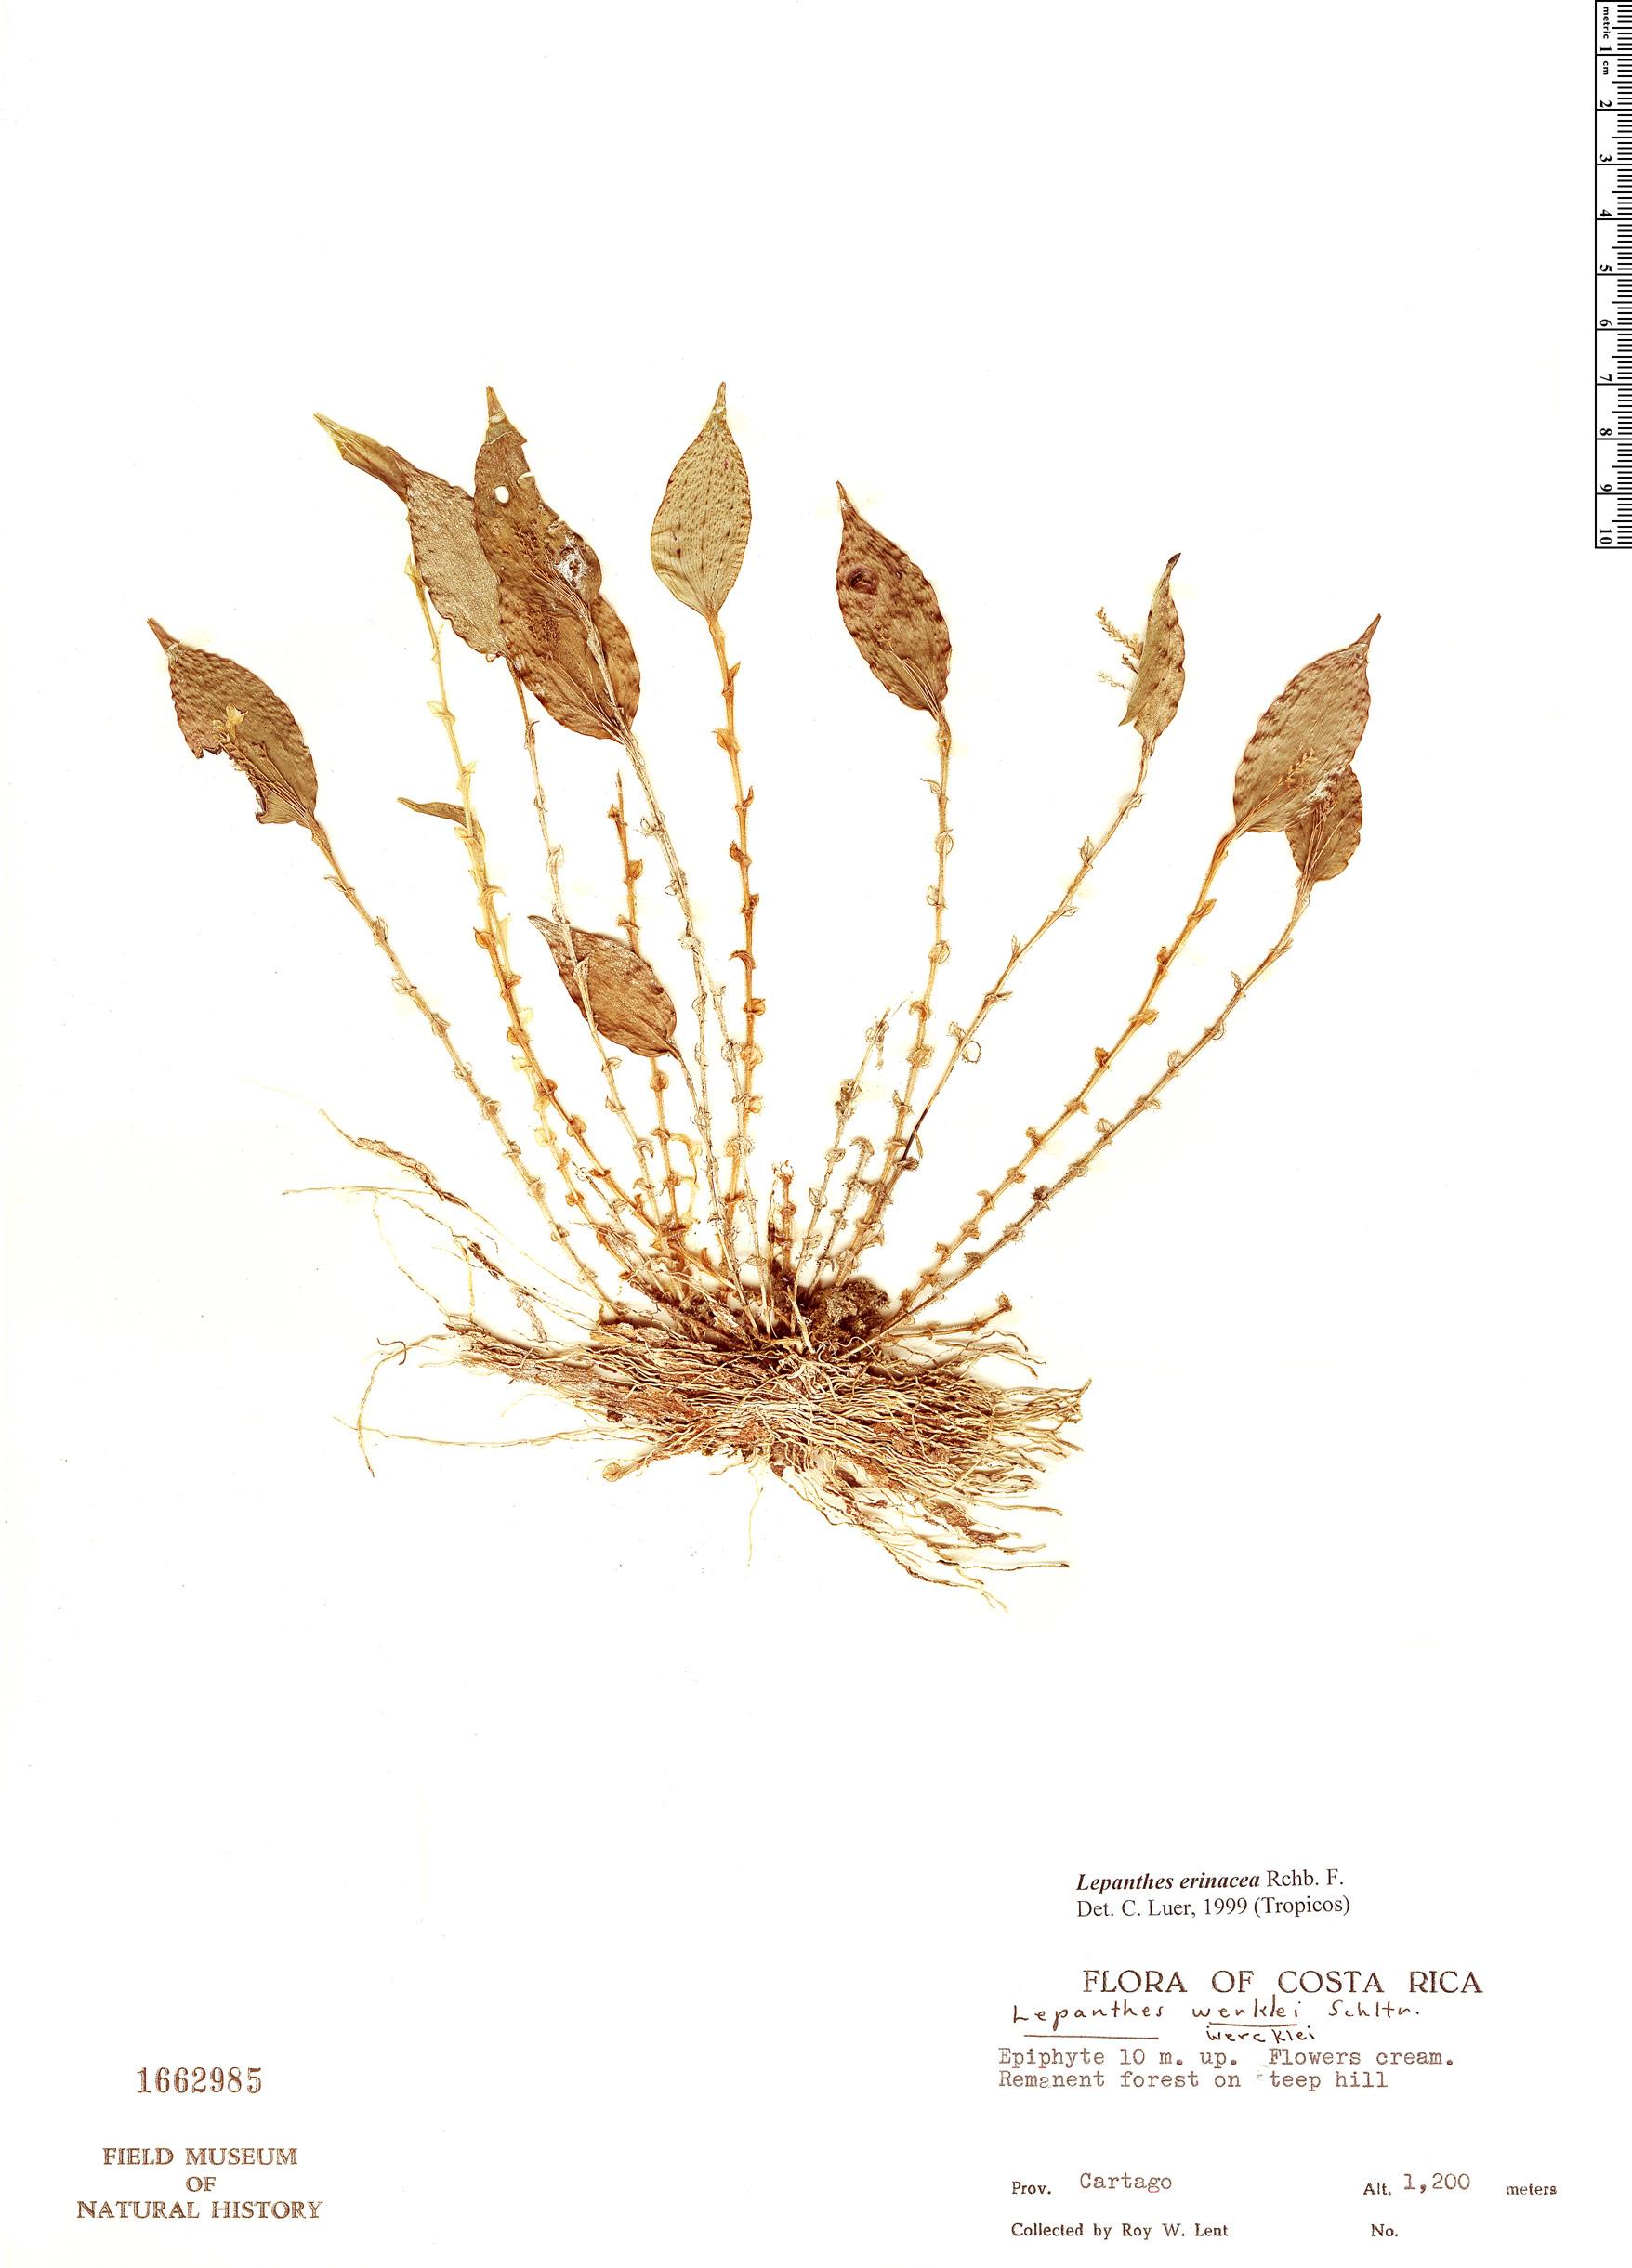 Espécime: Lepanthes erinacea